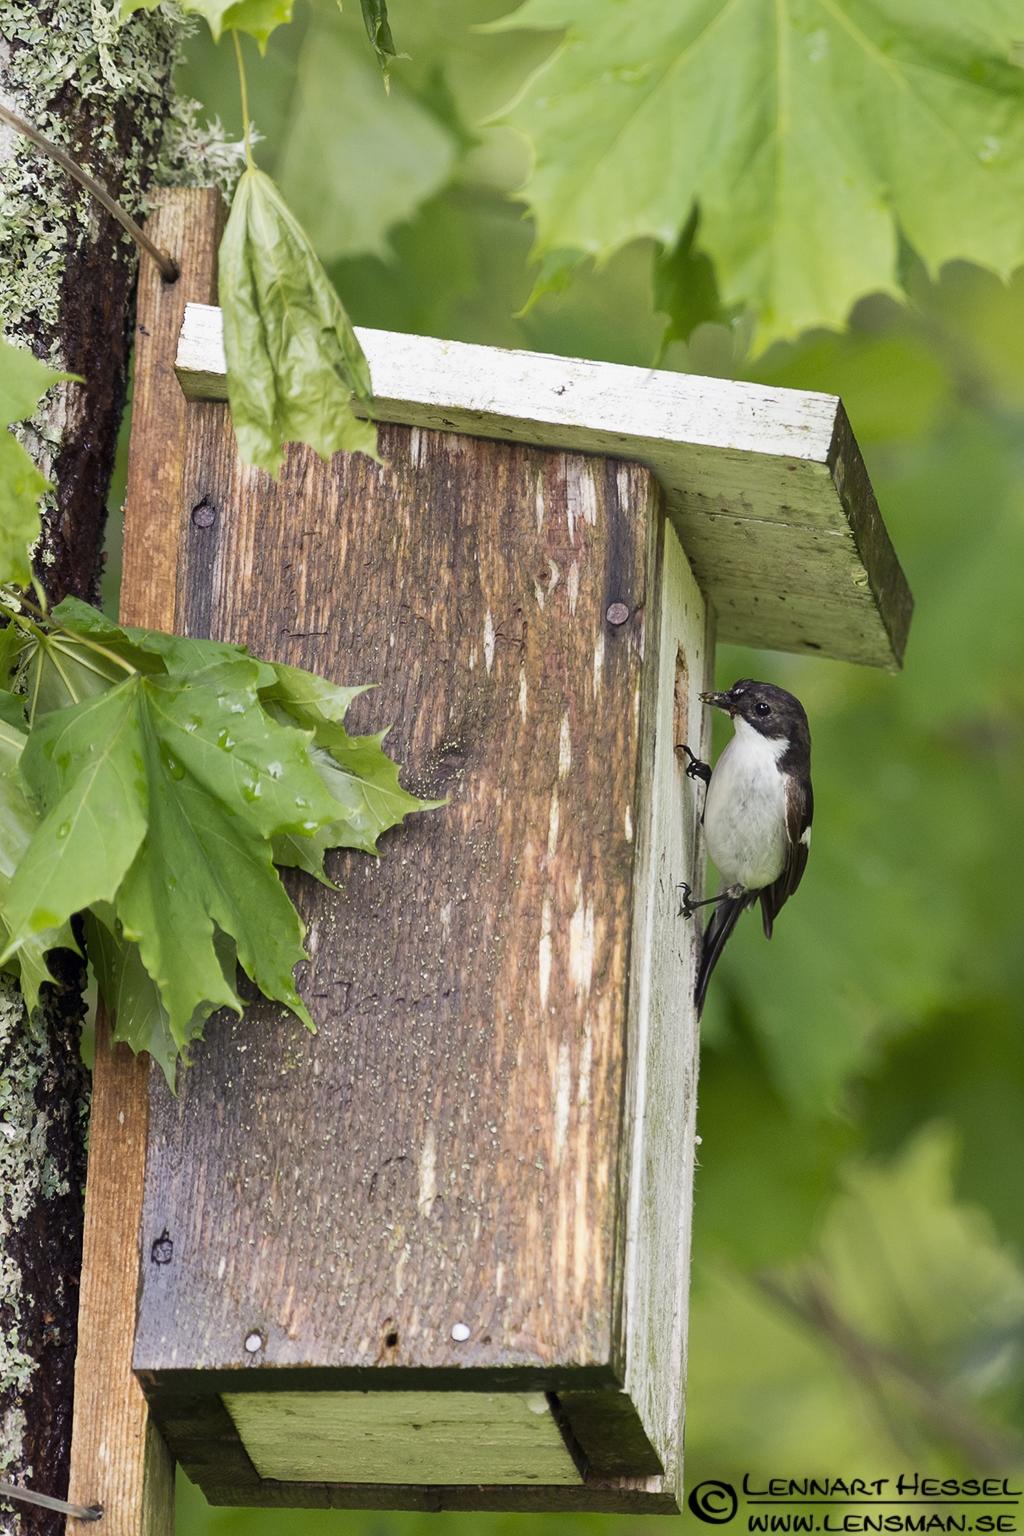 Pied Flycatcher at Nossebro